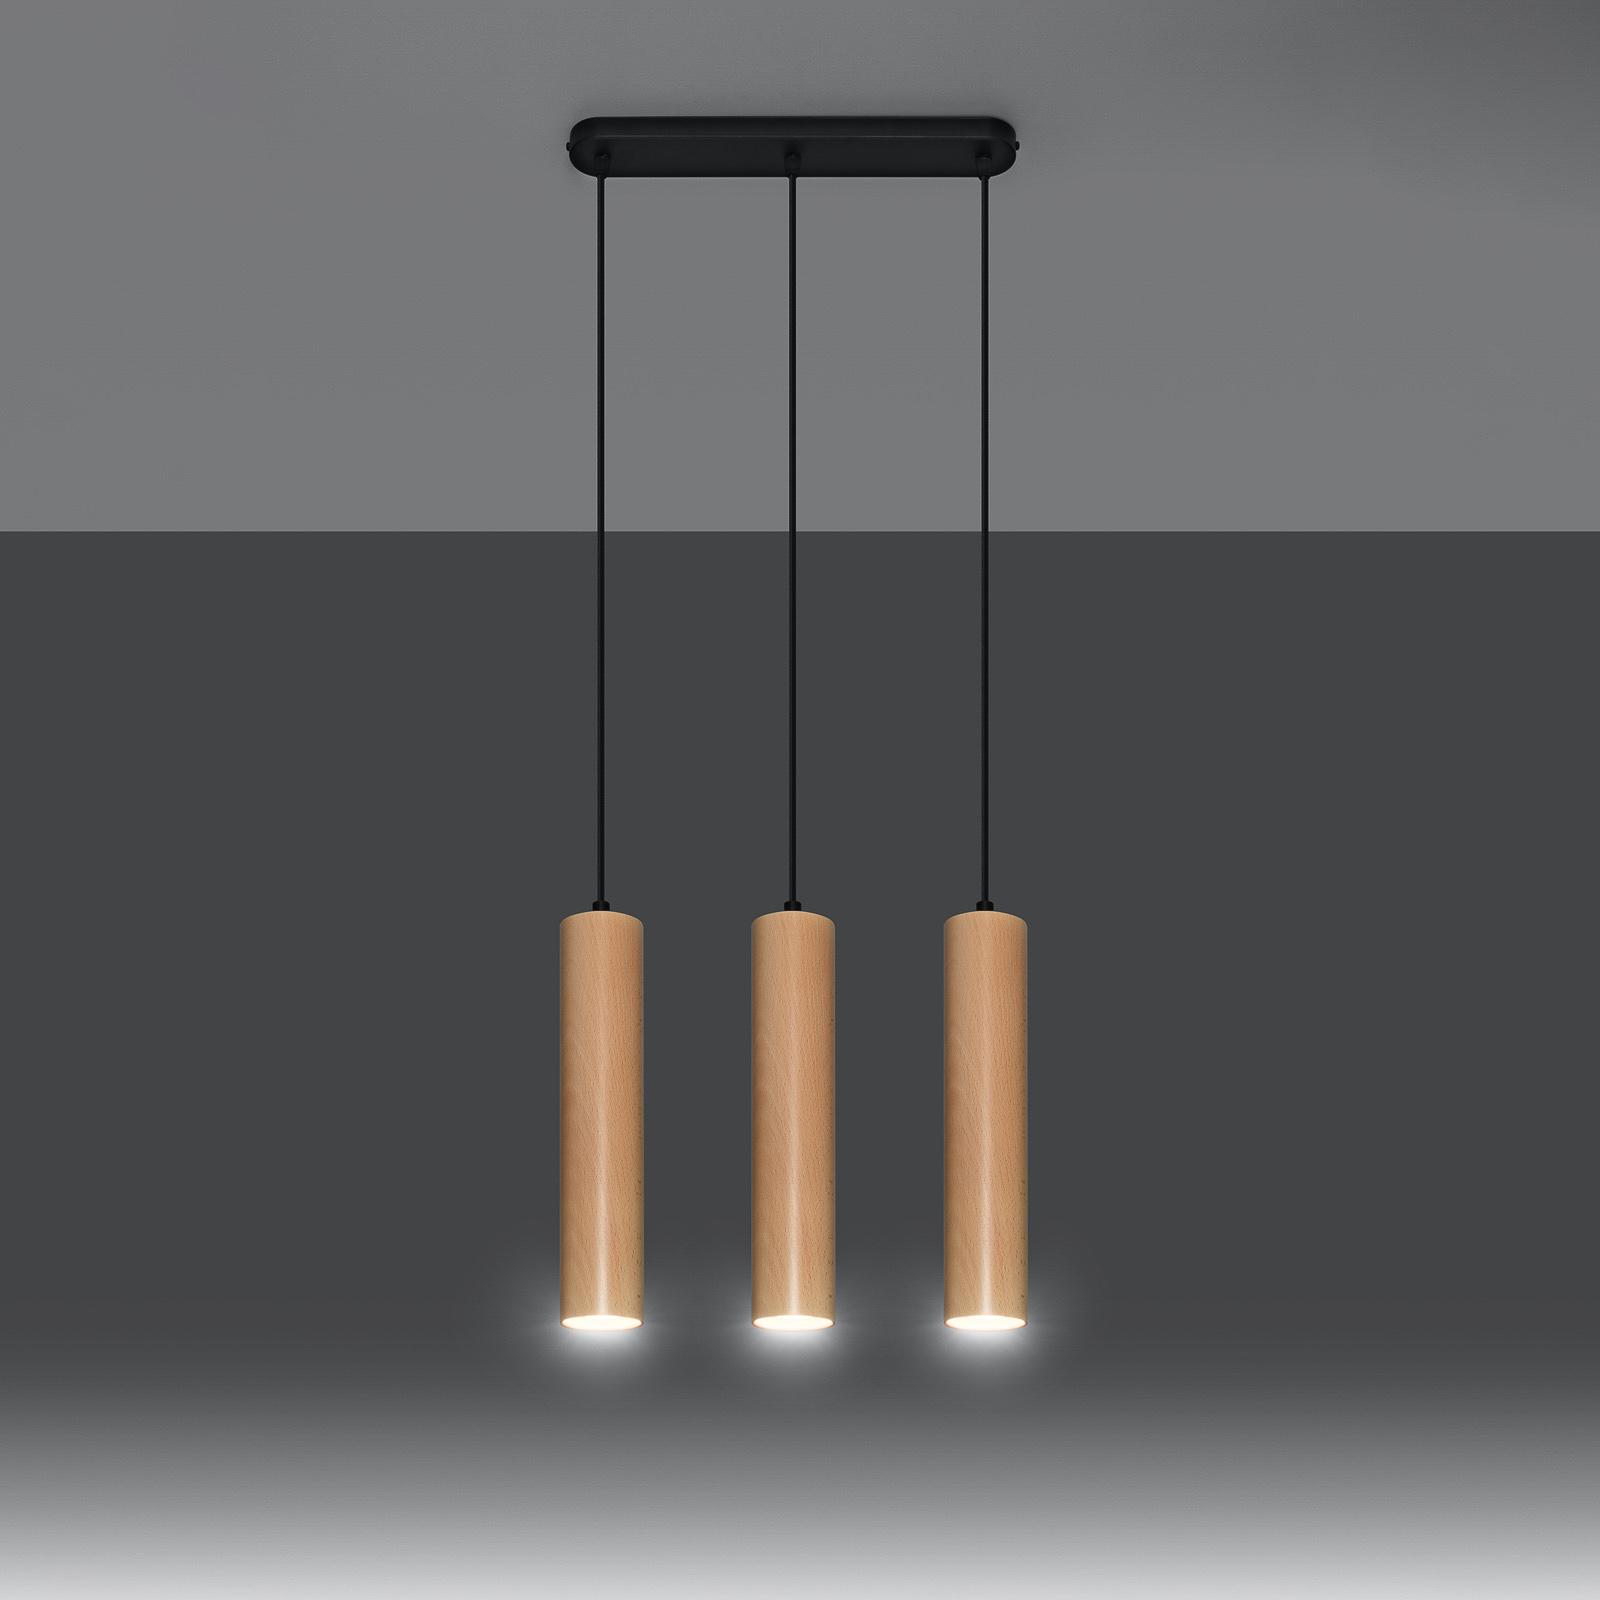 Riippuvalaisin Tube puusta, 3-lamppuinen